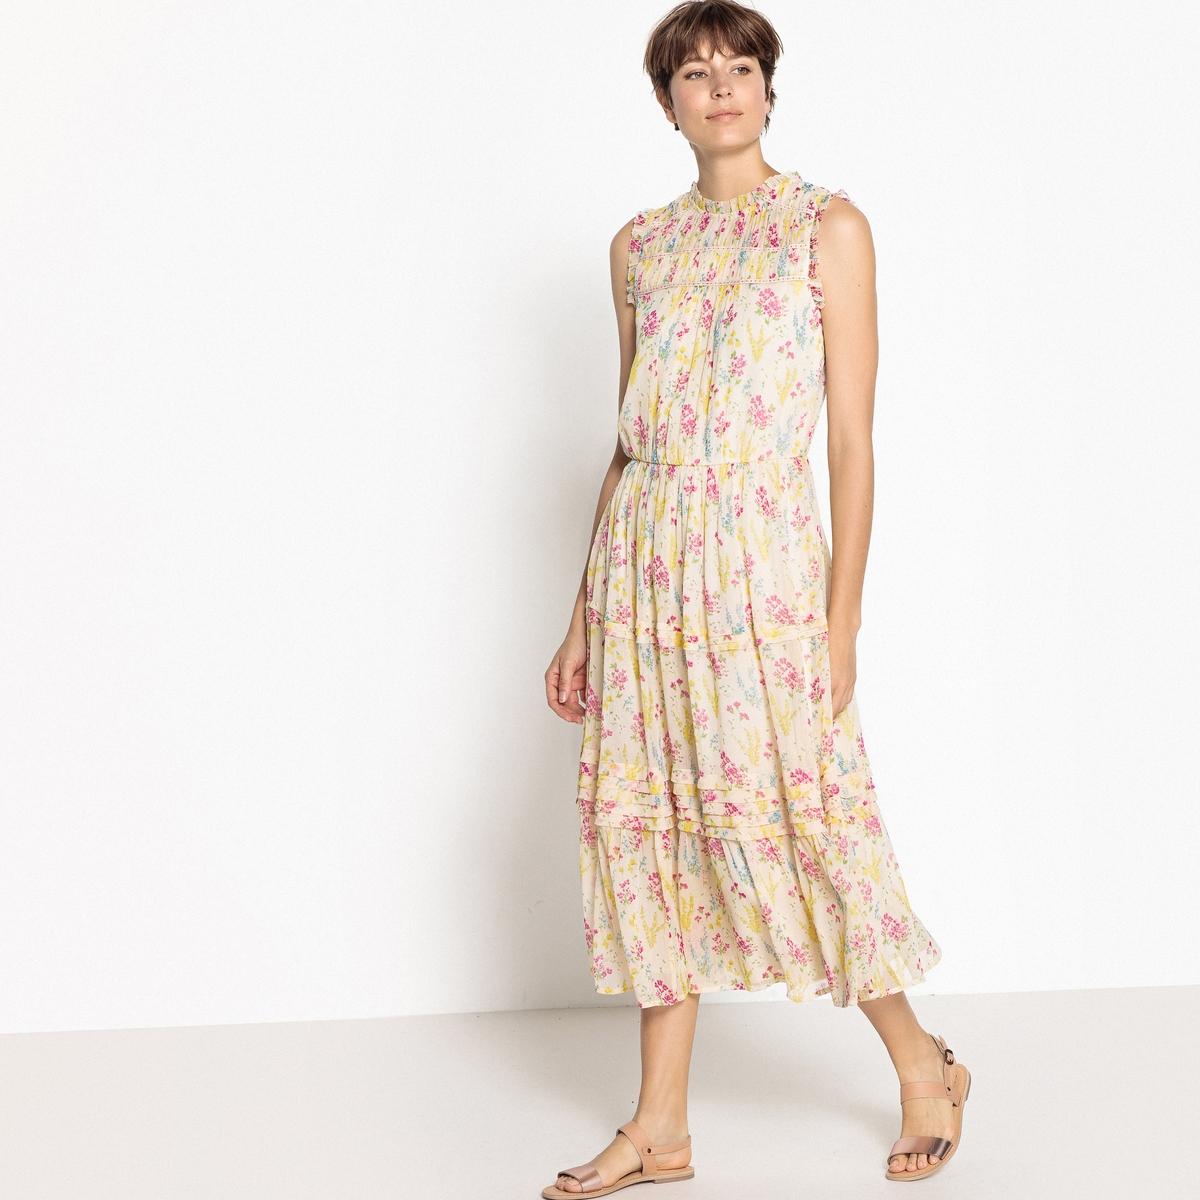 Платье без рукавов, длина миди, цветочный принт